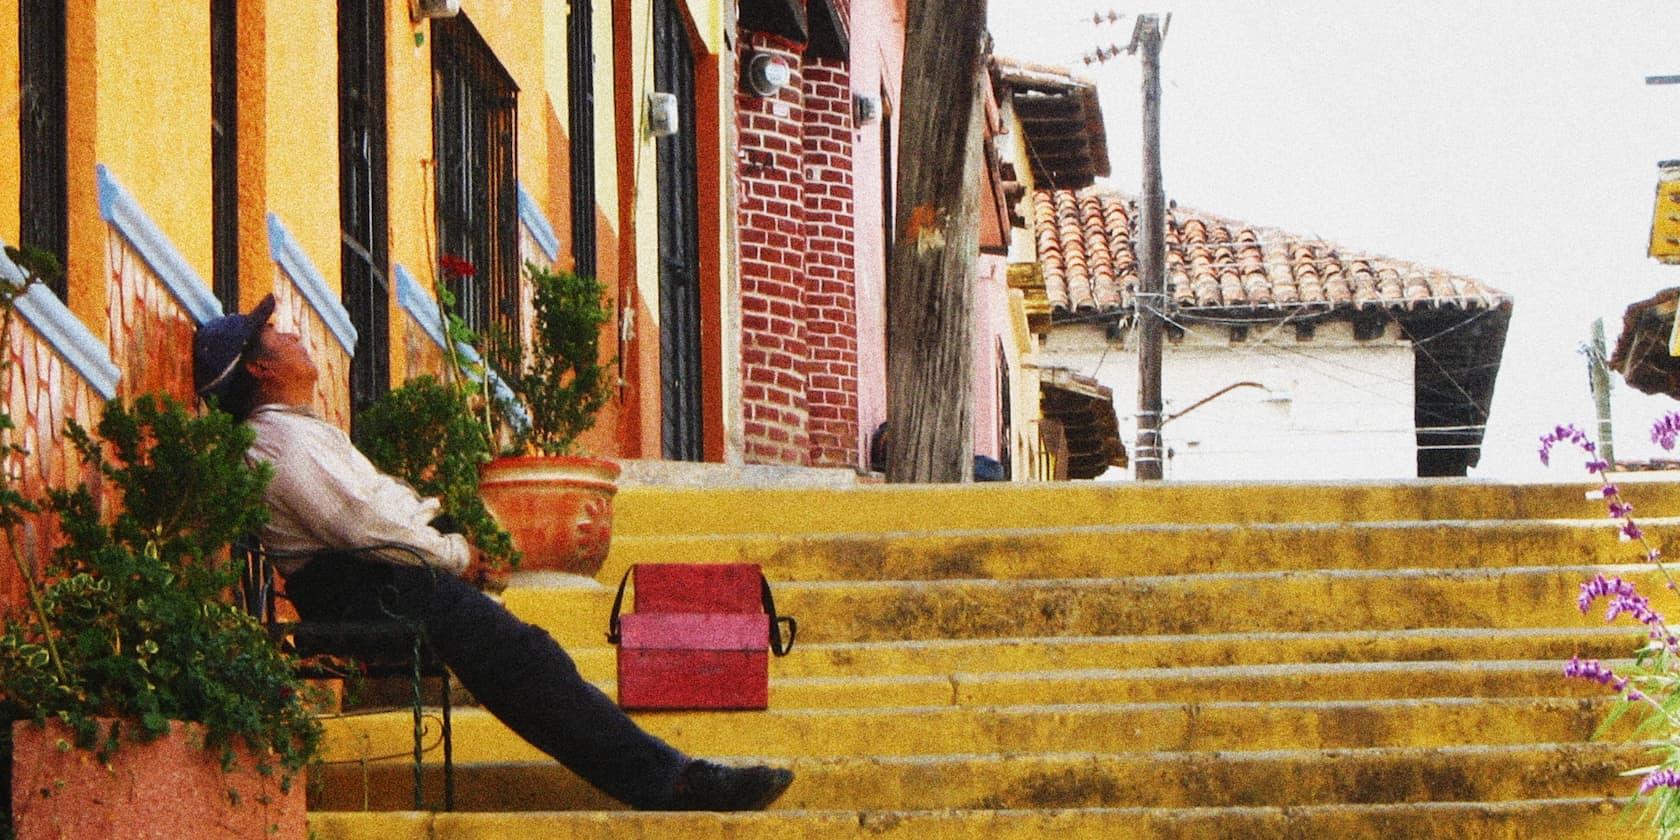 San Cristobal de las Casas, Chiapas, Mexico. Photo by Hector Garcia, licensed CC-SA-2.0